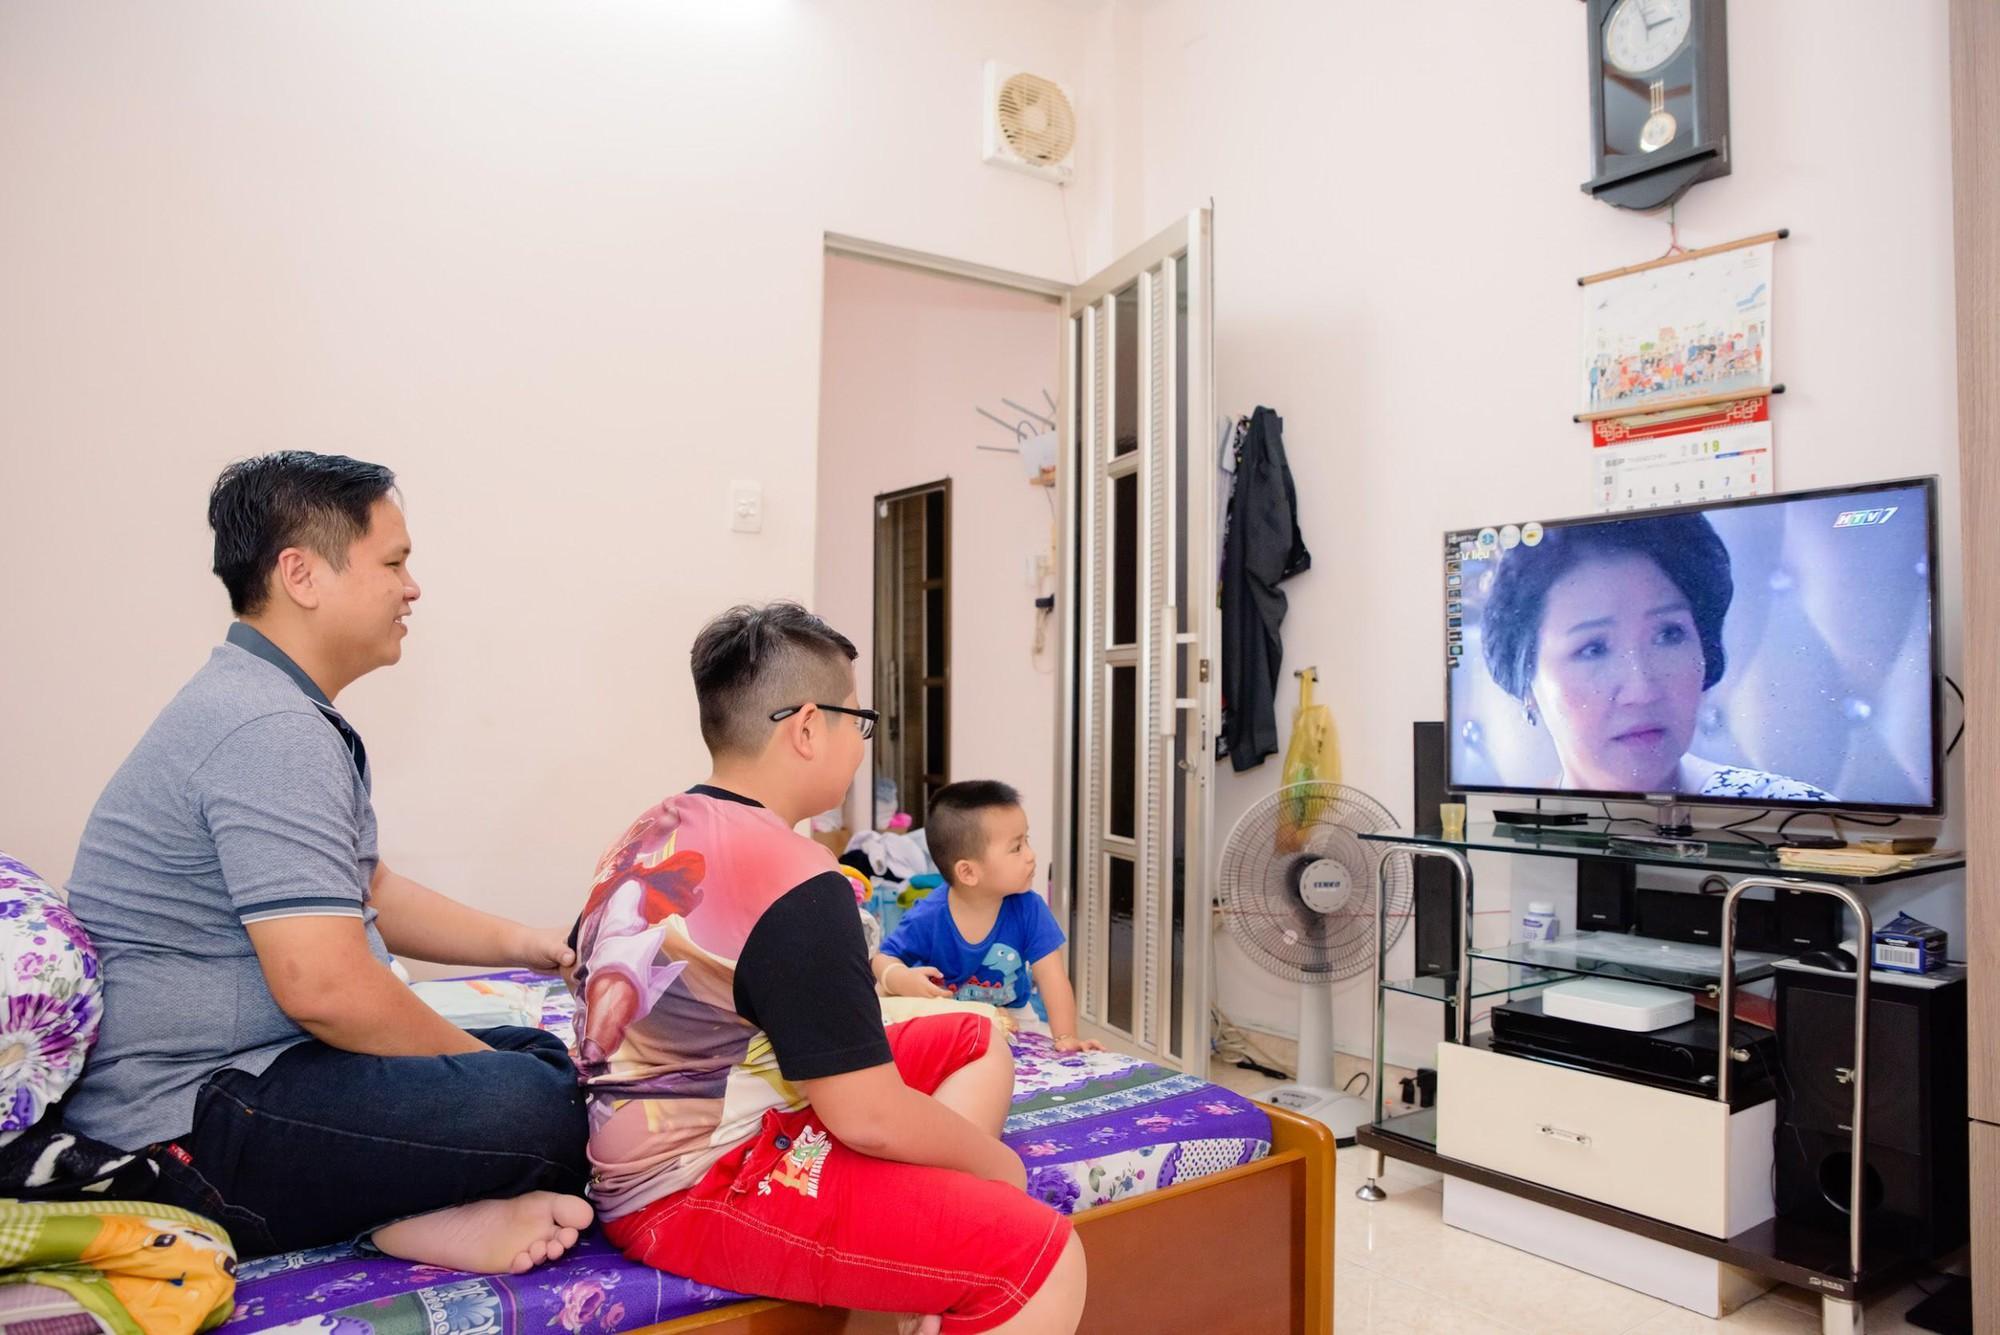 Samsung và những câu chuyện về chiếc TV gắn bó với các gia đình Việt cả chục năm qua - Ảnh 3.